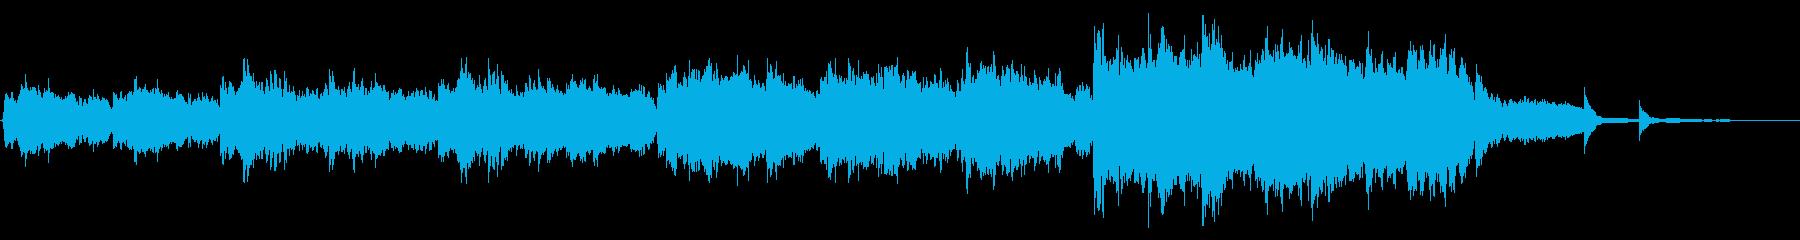 荘厳で幻想的なシンフォニーの再生済みの波形